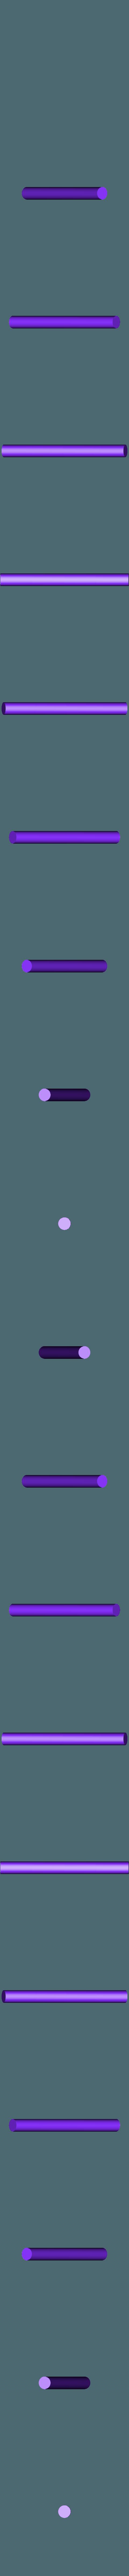 Axle_Drive.stl Télécharger fichier STL gratuit Hélicoptère Pull, Push, Downhill Toy 2 • Design pour imprimante 3D, gzumwalt